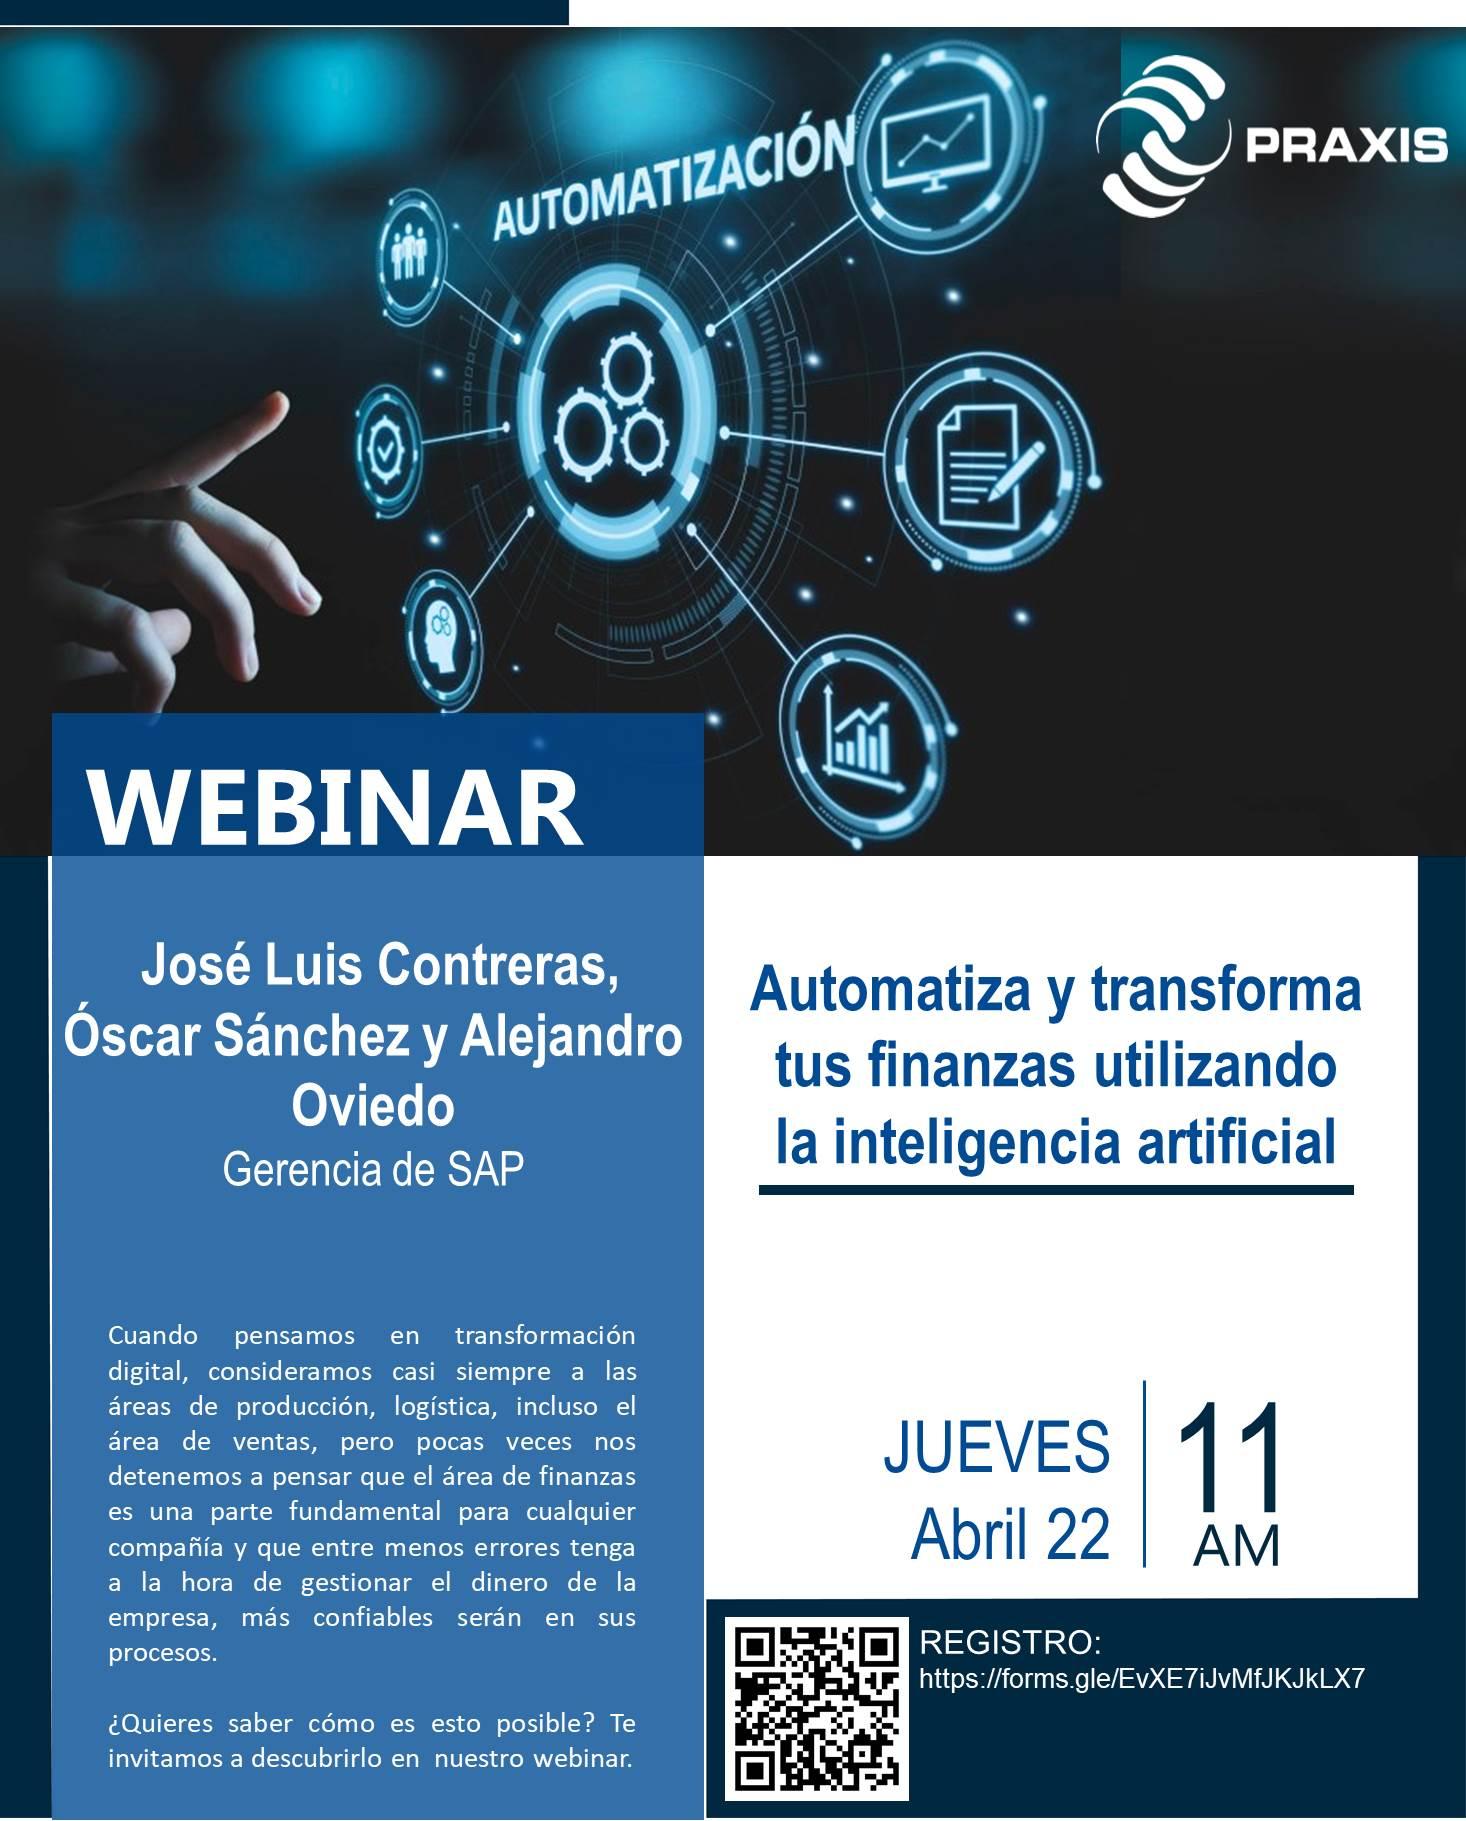 Automatiza y transforma tus finanzas utilizando la inteligencia artificial. 22 abril 11:00 am